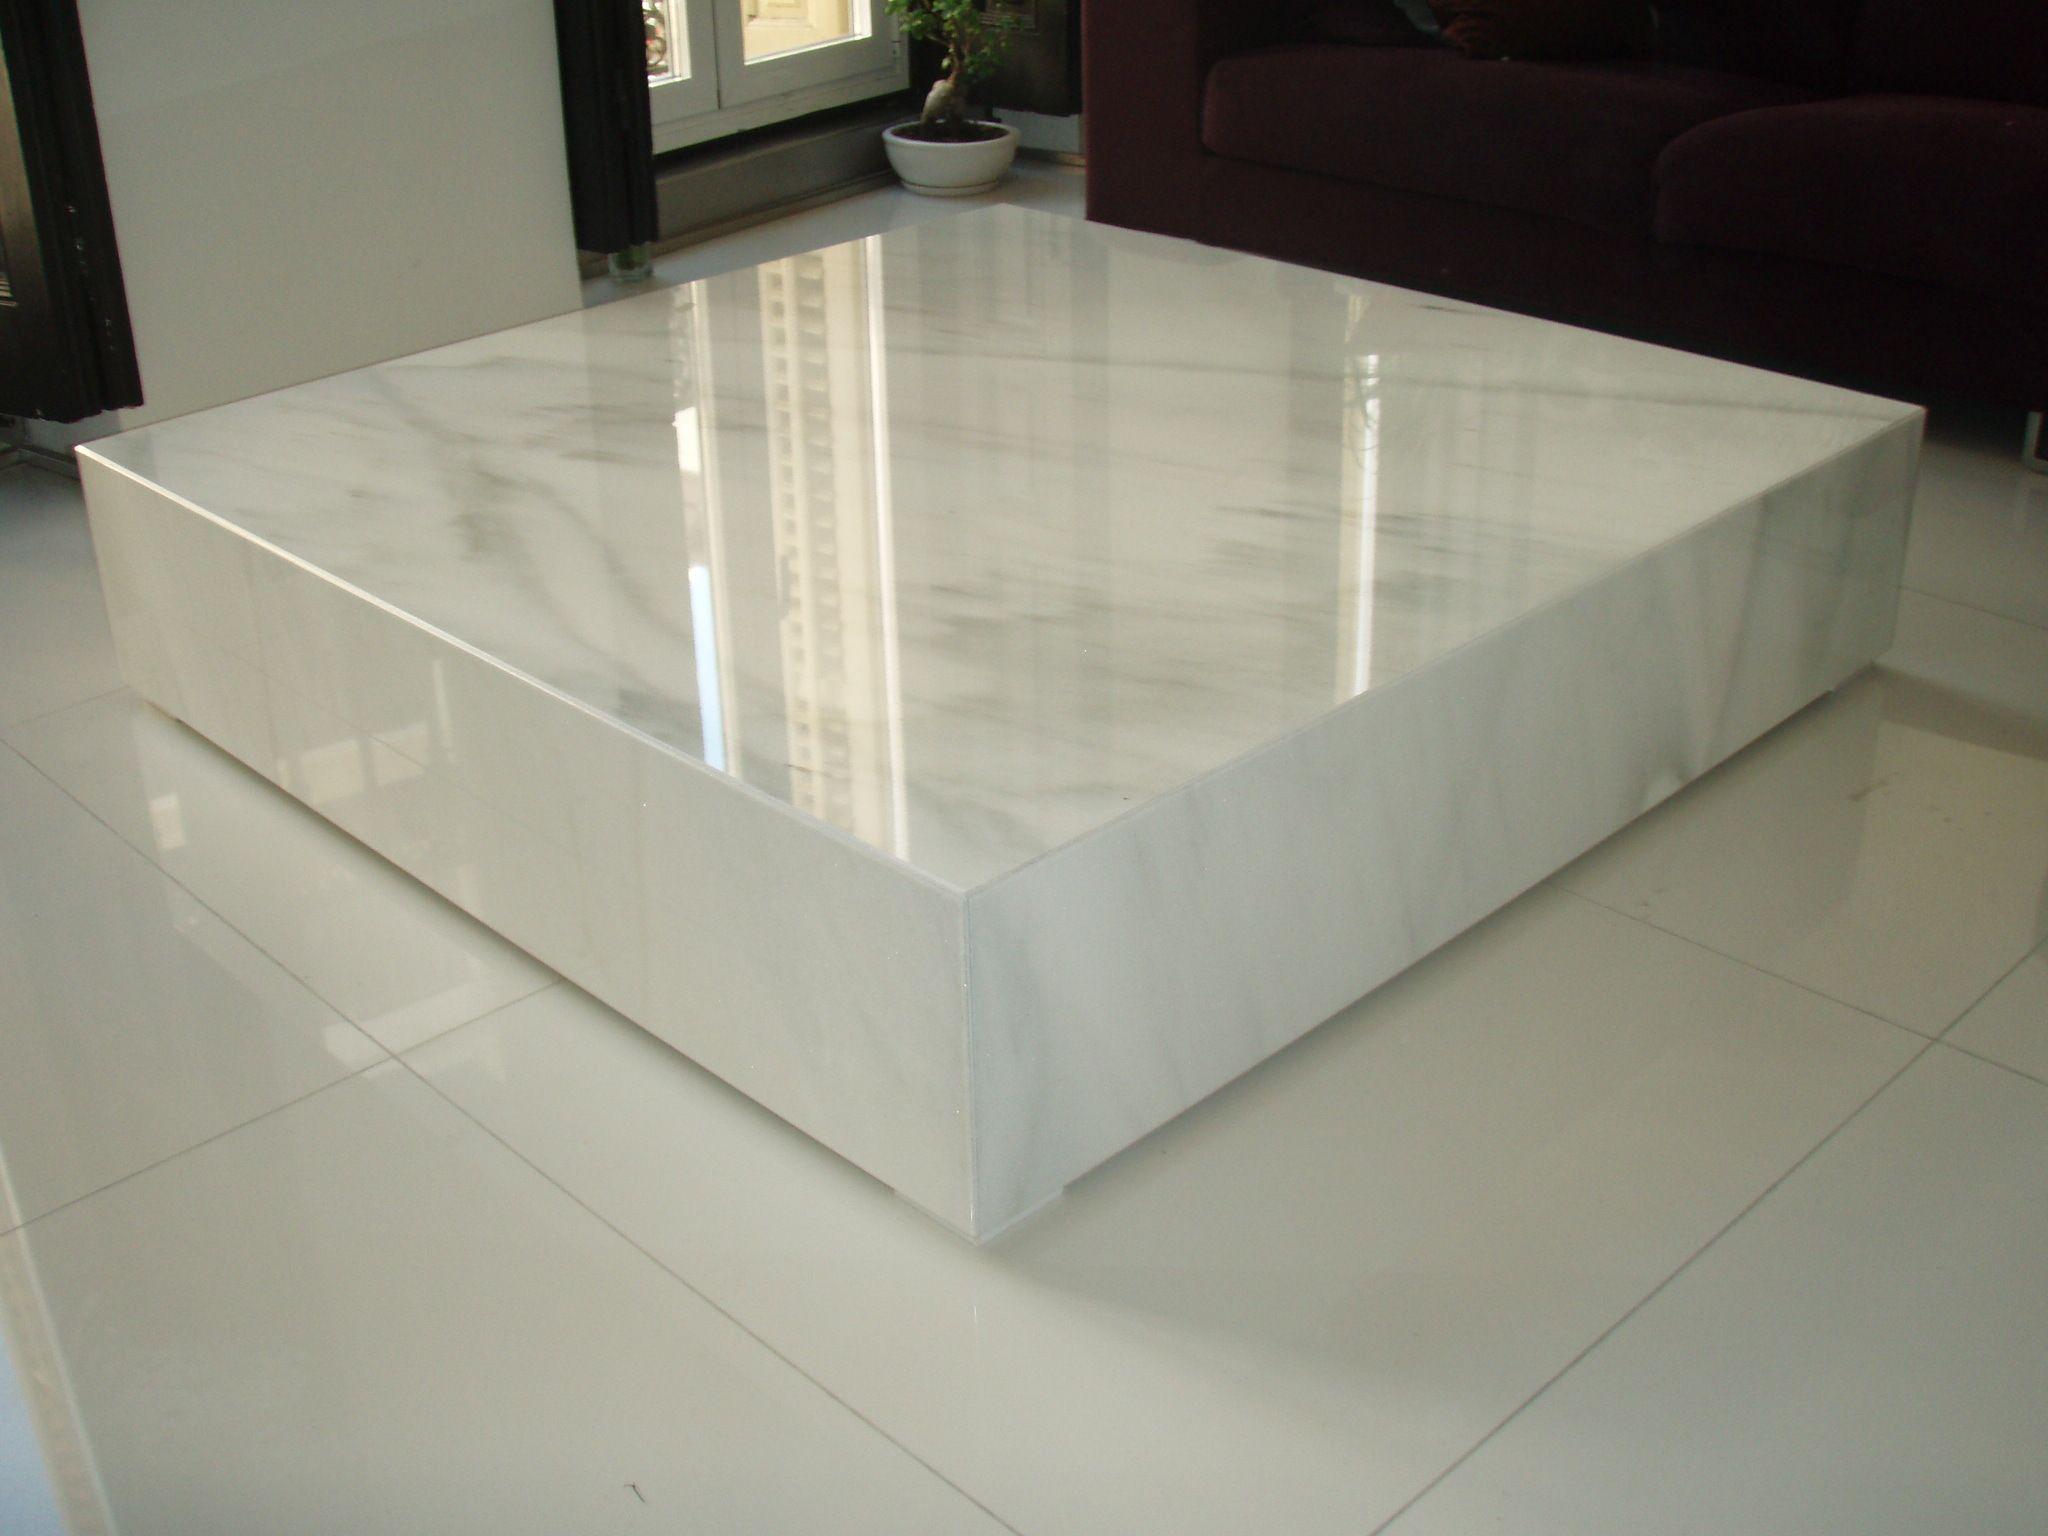 Mesa de marmol blanco macael pulido for Mesa centro marmol